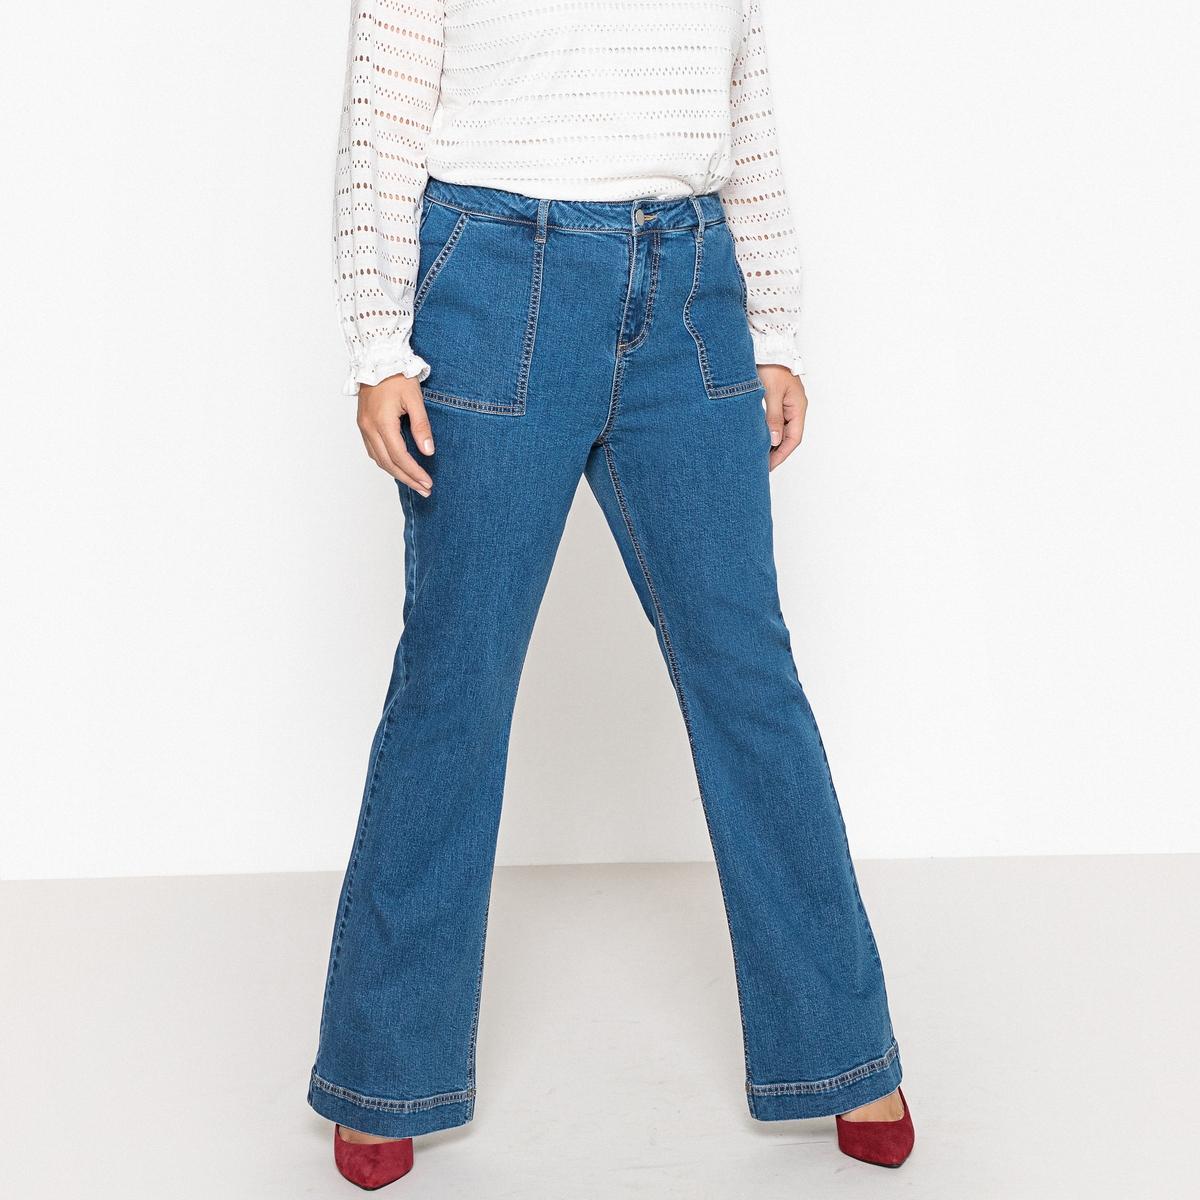 Джинсы расклешенные с накладными карманами джинсы расклешенные длина 34